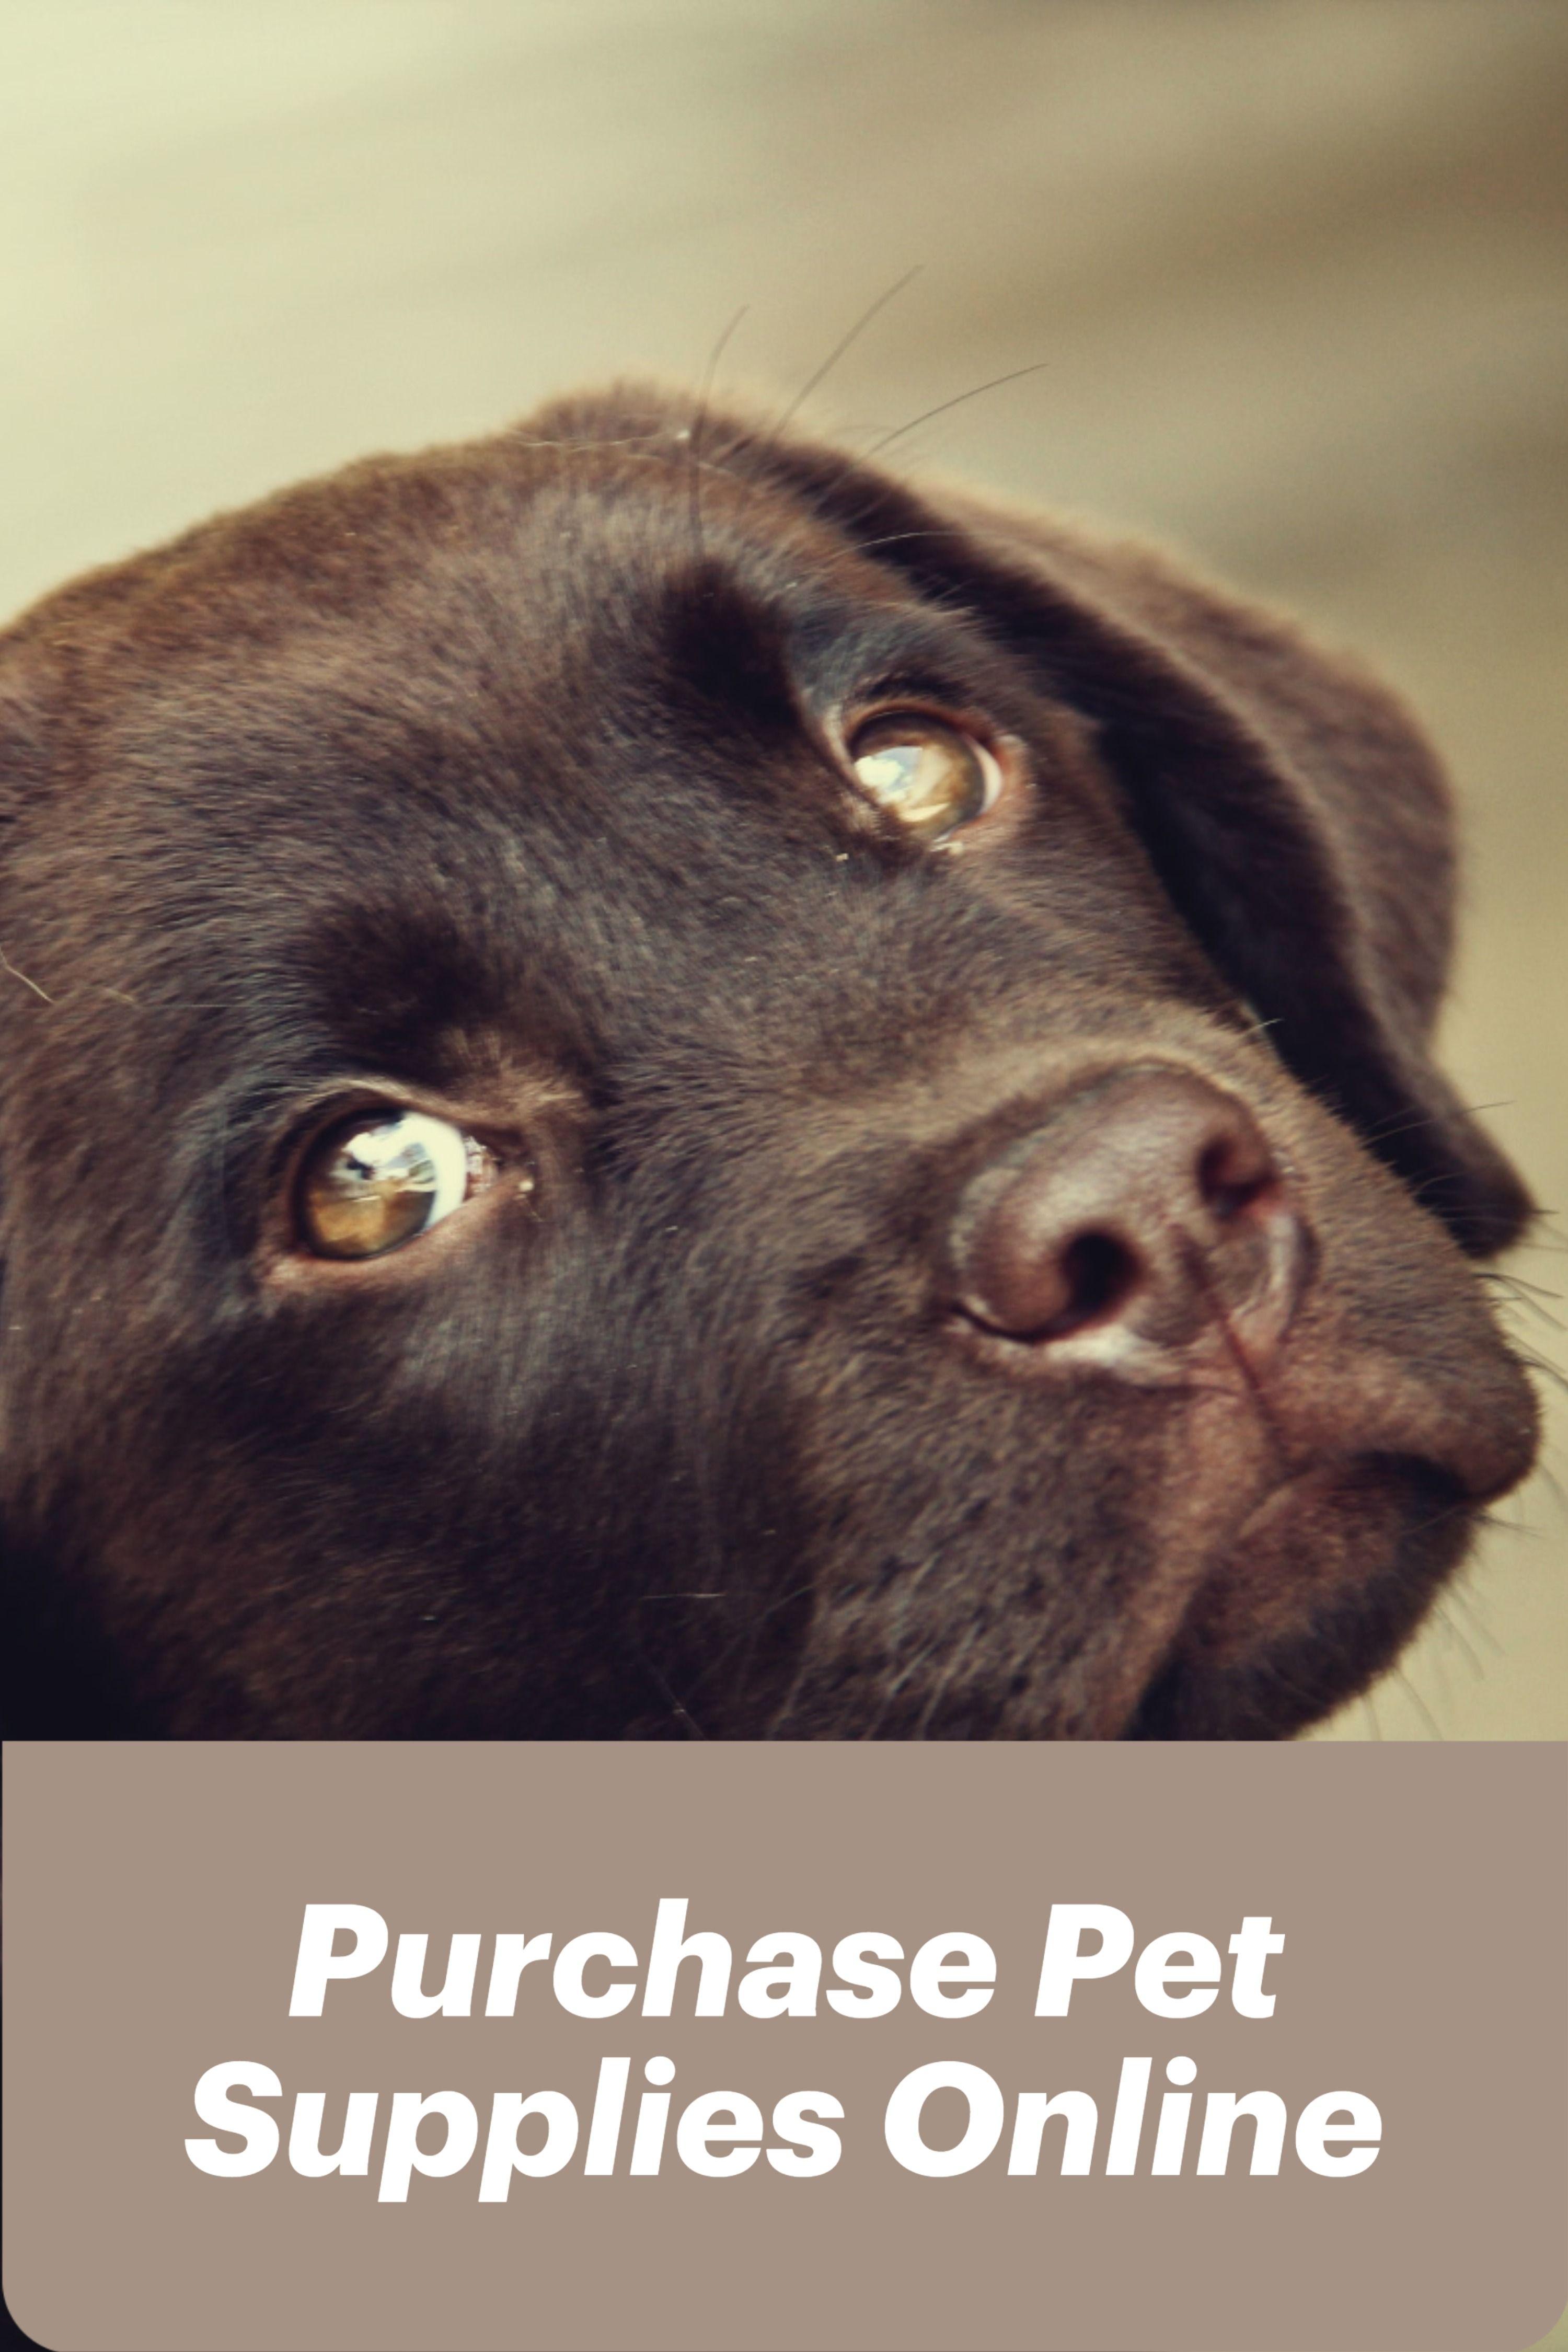 Buy Your Pet Supplies Online In 2020 Online Pet Supplies Pets Pet Supplies